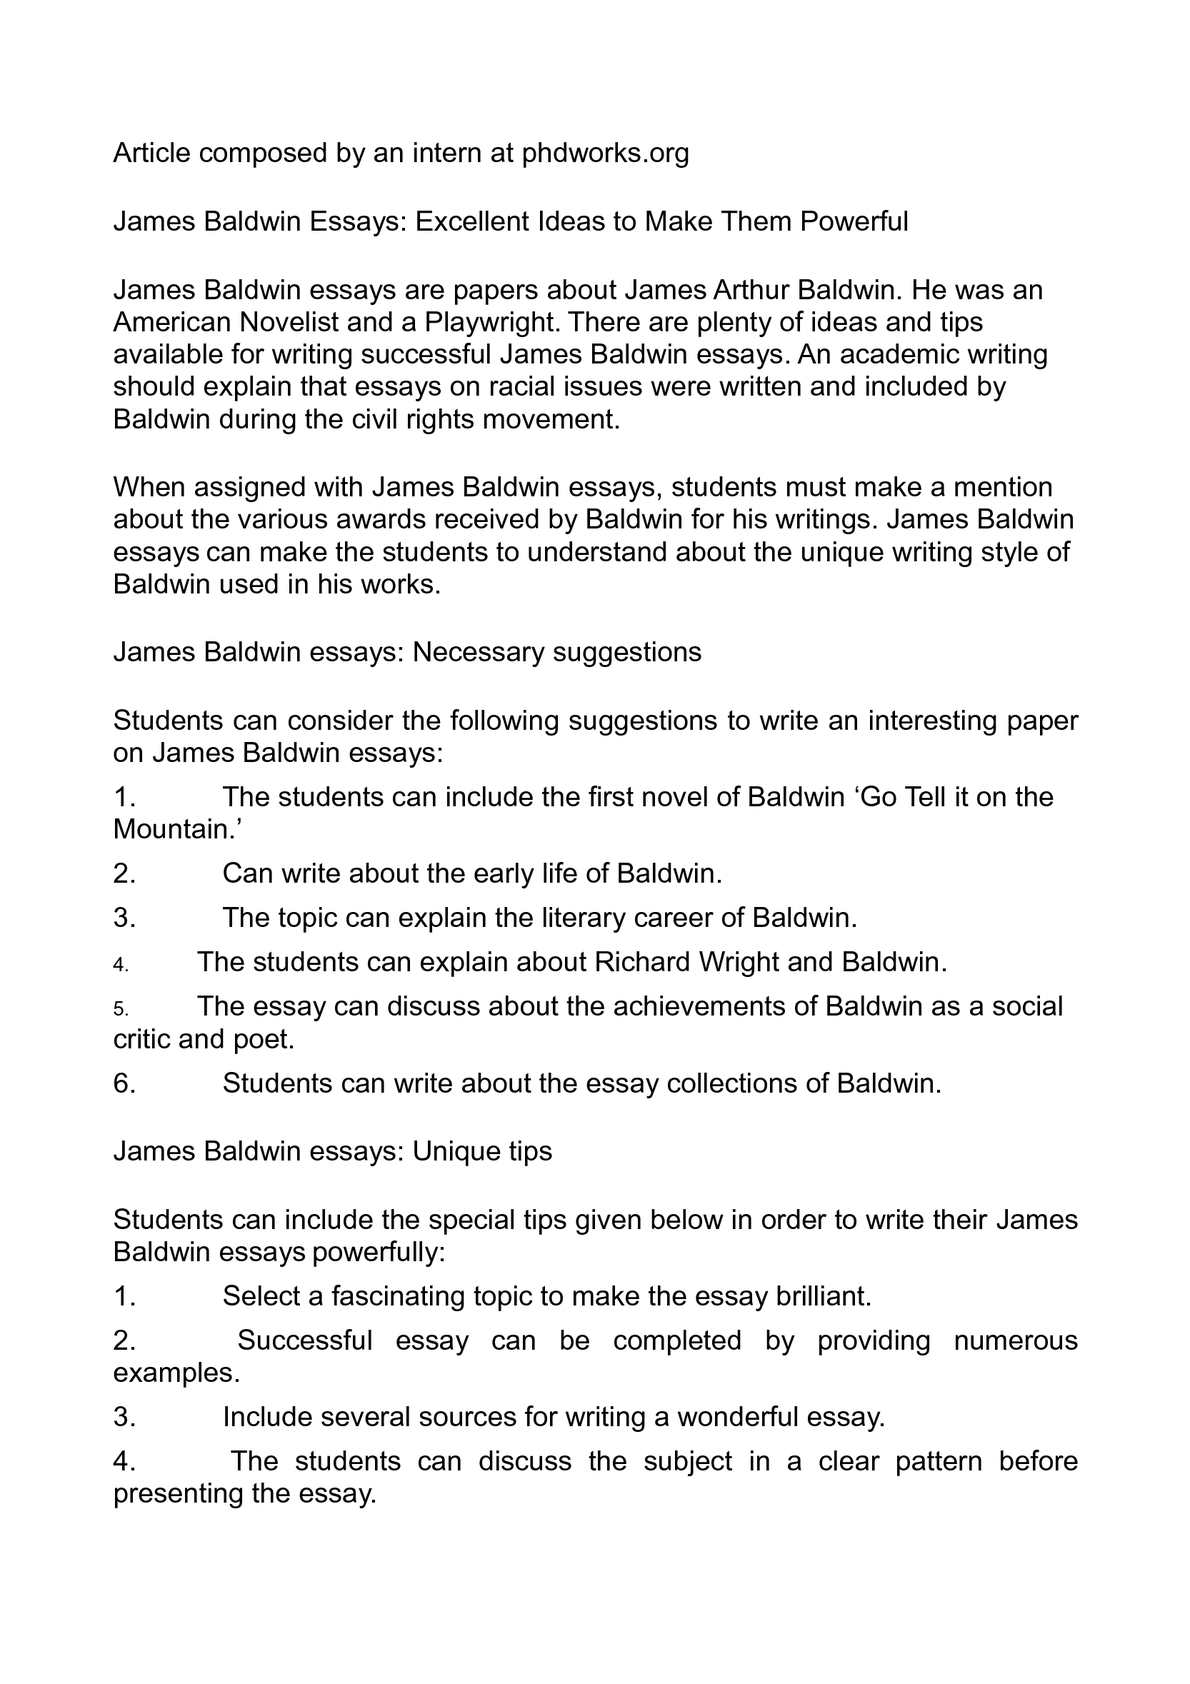 james baldwin essays